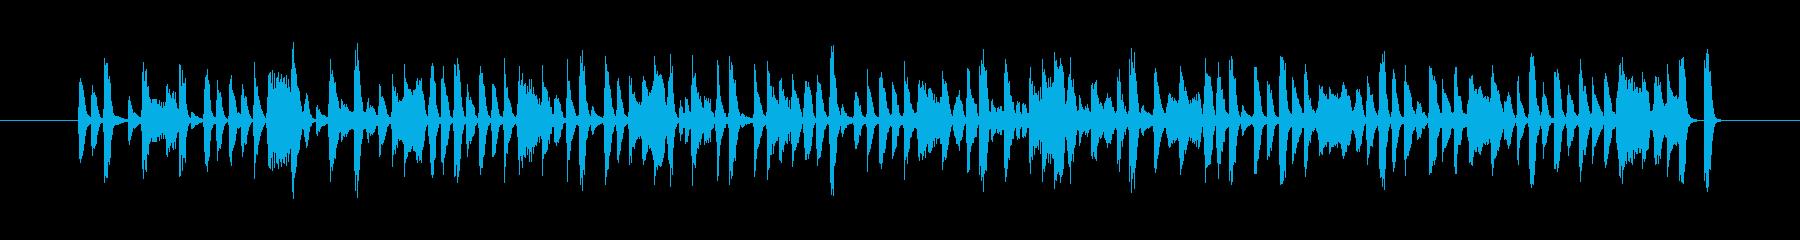 アンビエントな和風エレクトロの再生済みの波形